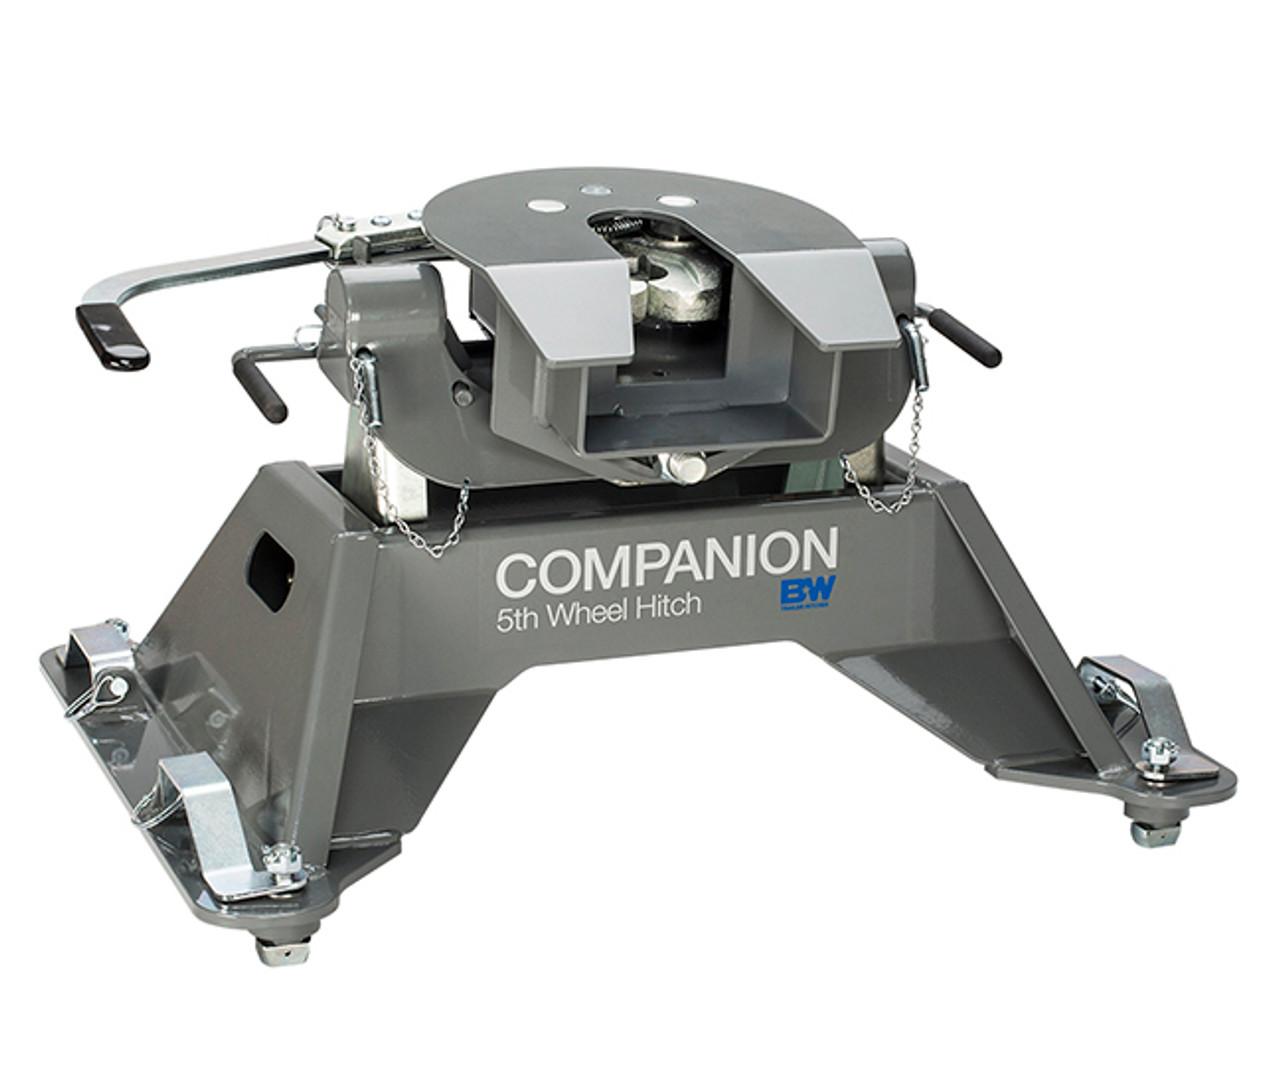 BW3715 --- B&W Companion OEM 2020 Chevy 5th Wheel RV Hitch - 25k